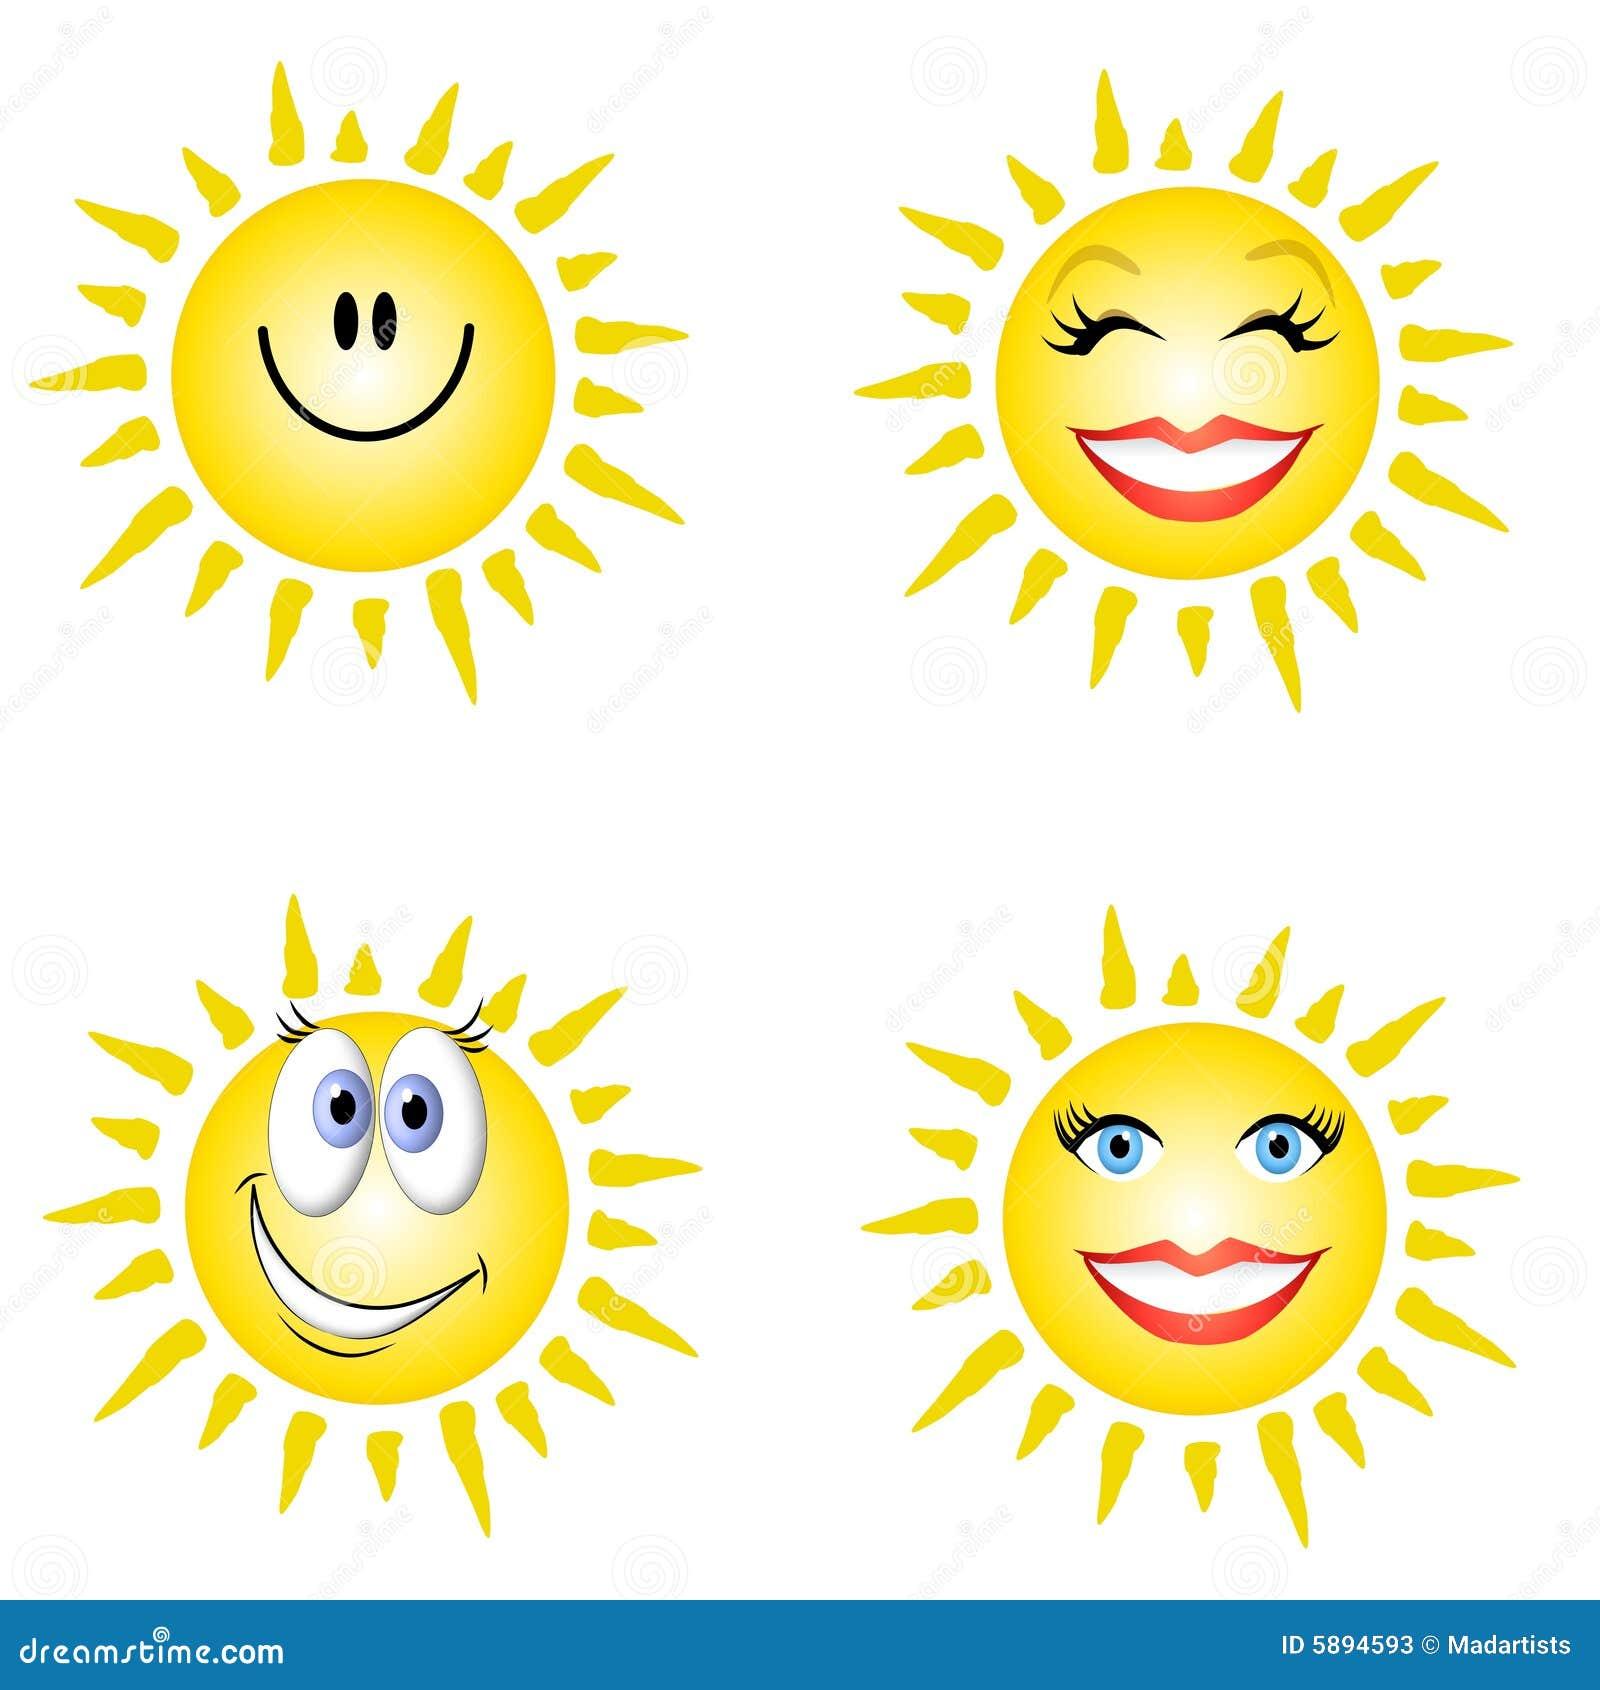 Sonnenschein-smiley-Gesichter Stock Abbildung - Illustration von ...